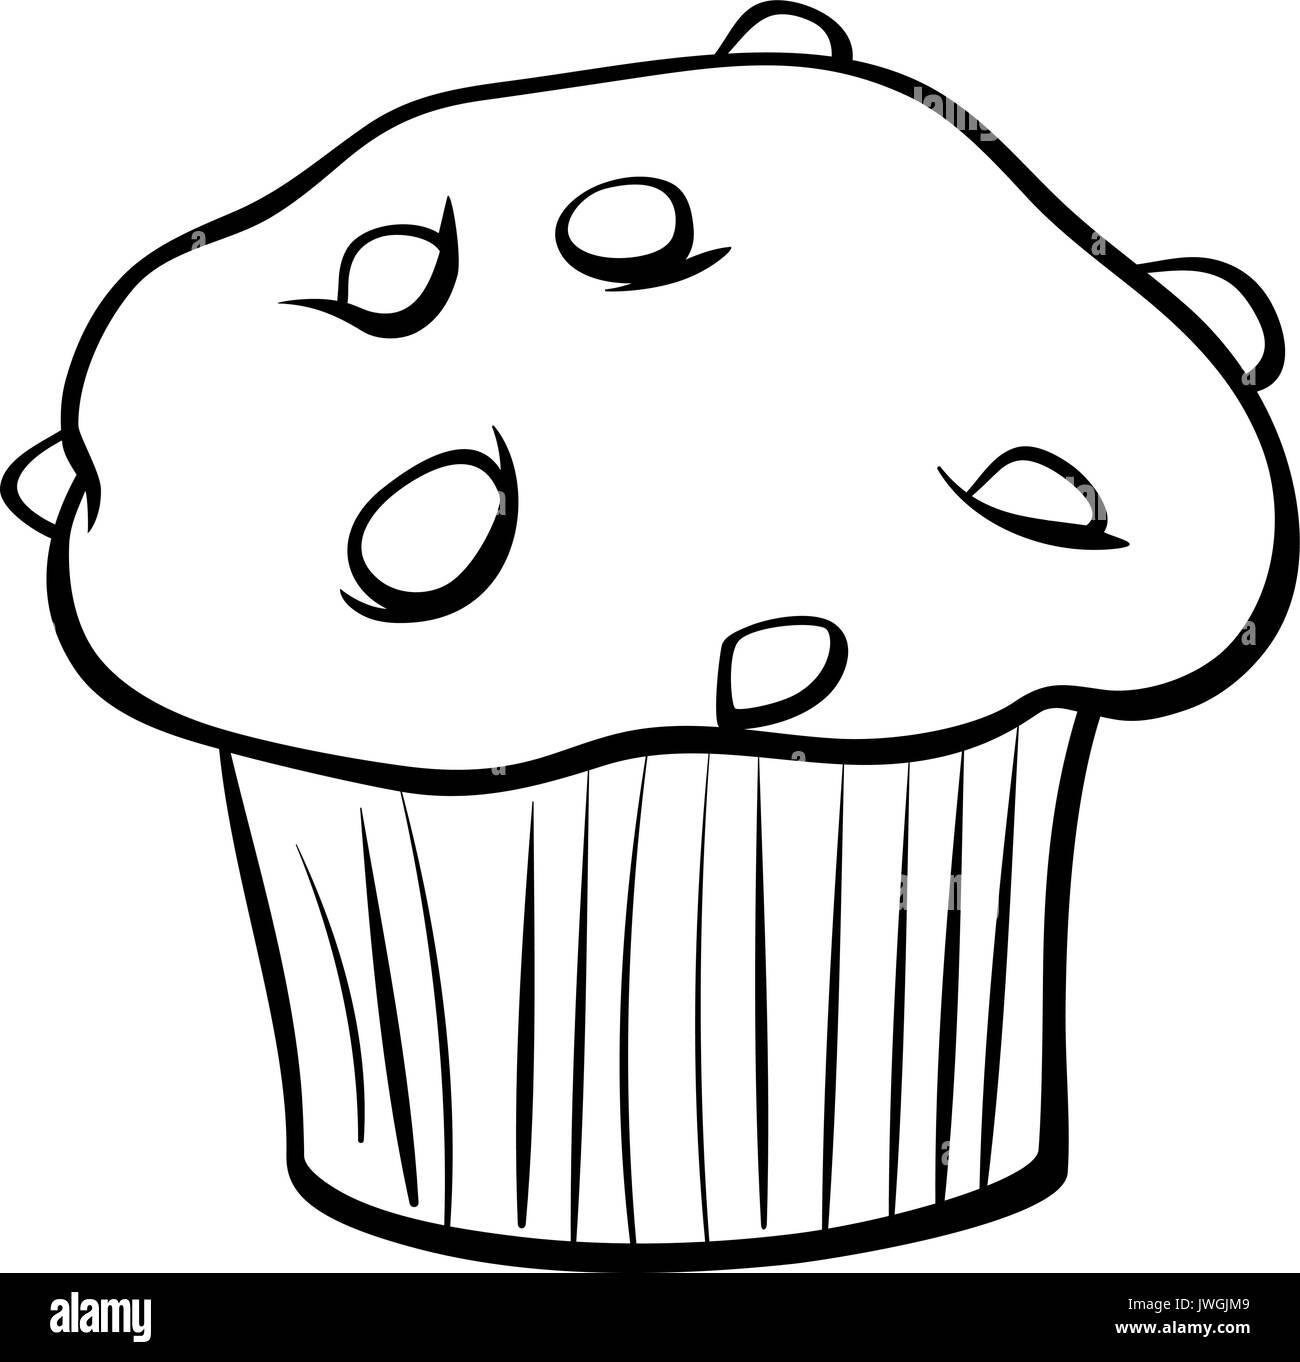 Schwarze Und Weisse Cartoon Illustration Von Sussen Muffins Kuchen Mit